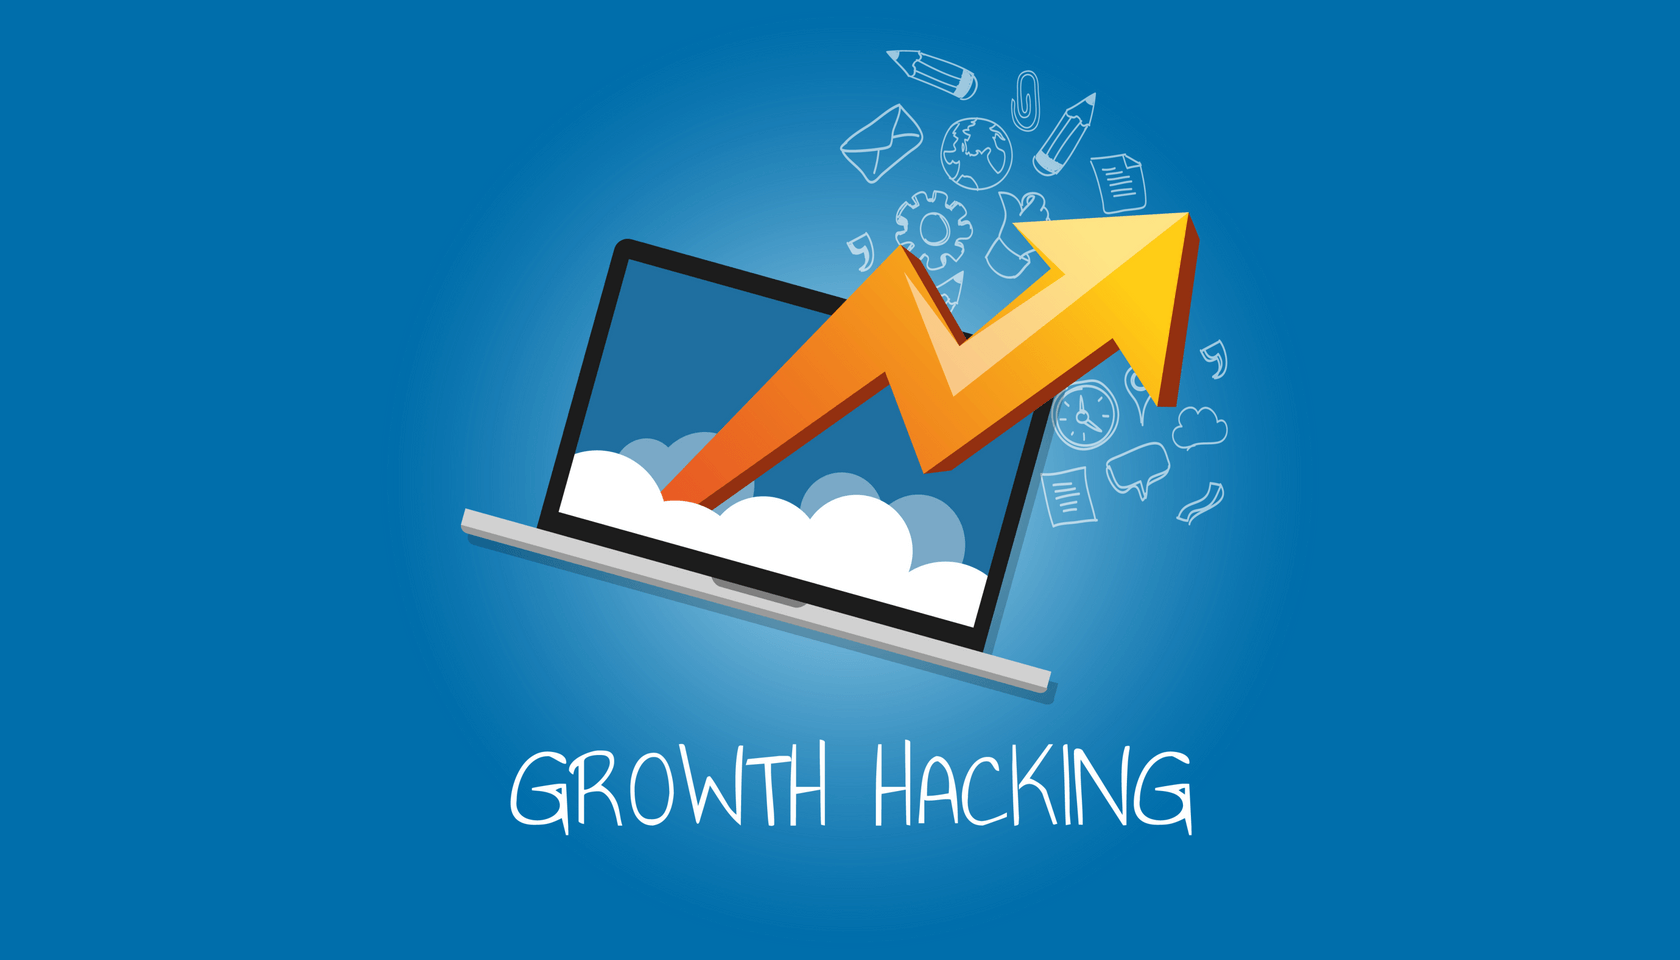 Técnicas Growth Hacking más utilizadas